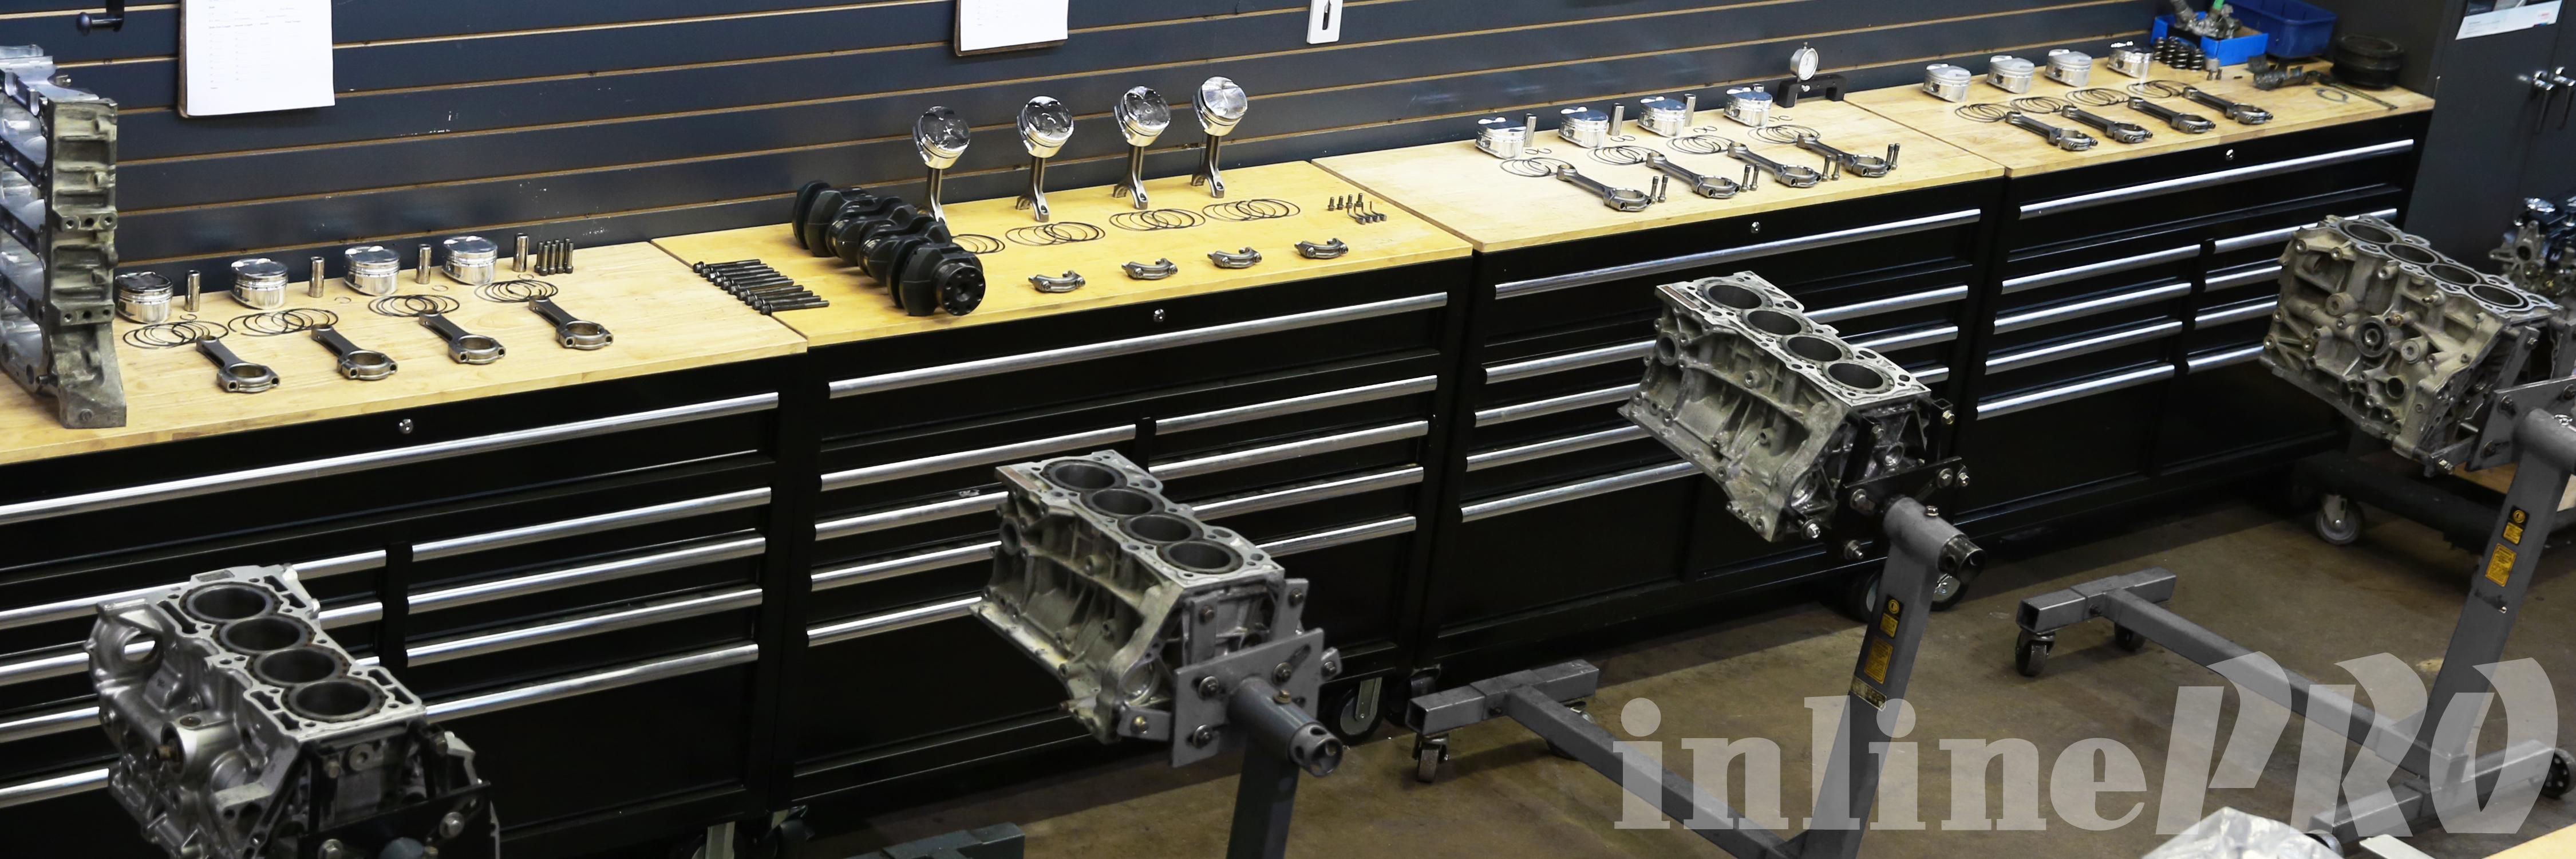 engine-area-22.jpg